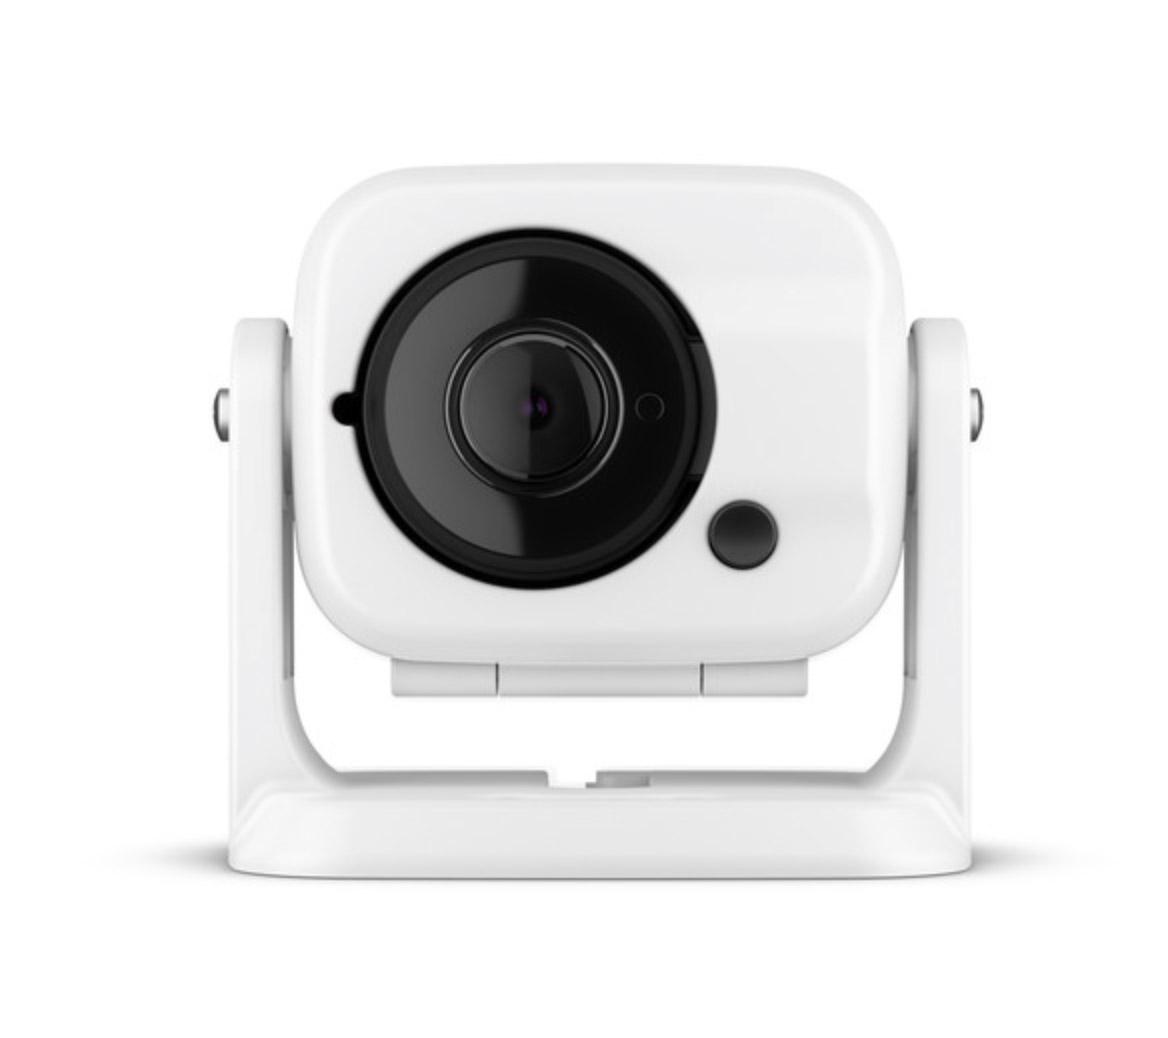 マリンスペック GC100 ワイヤレスカメラ